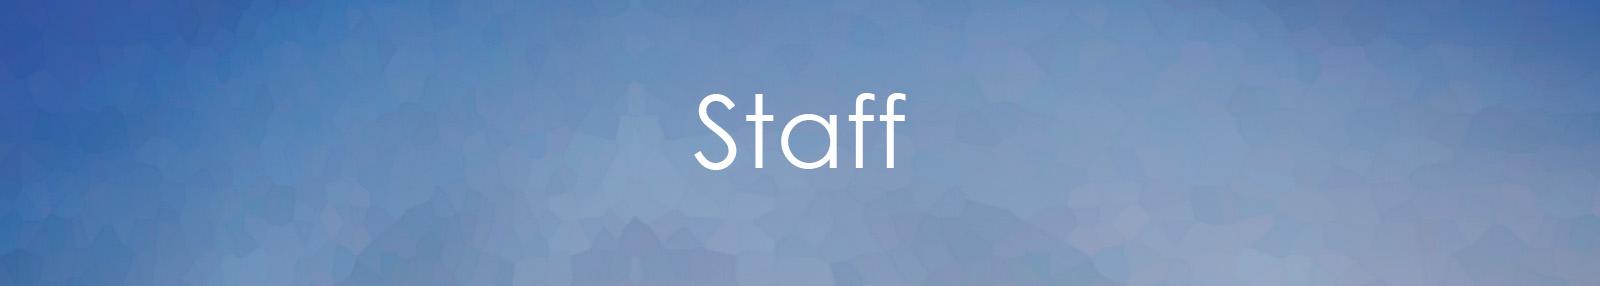 header_image_staff